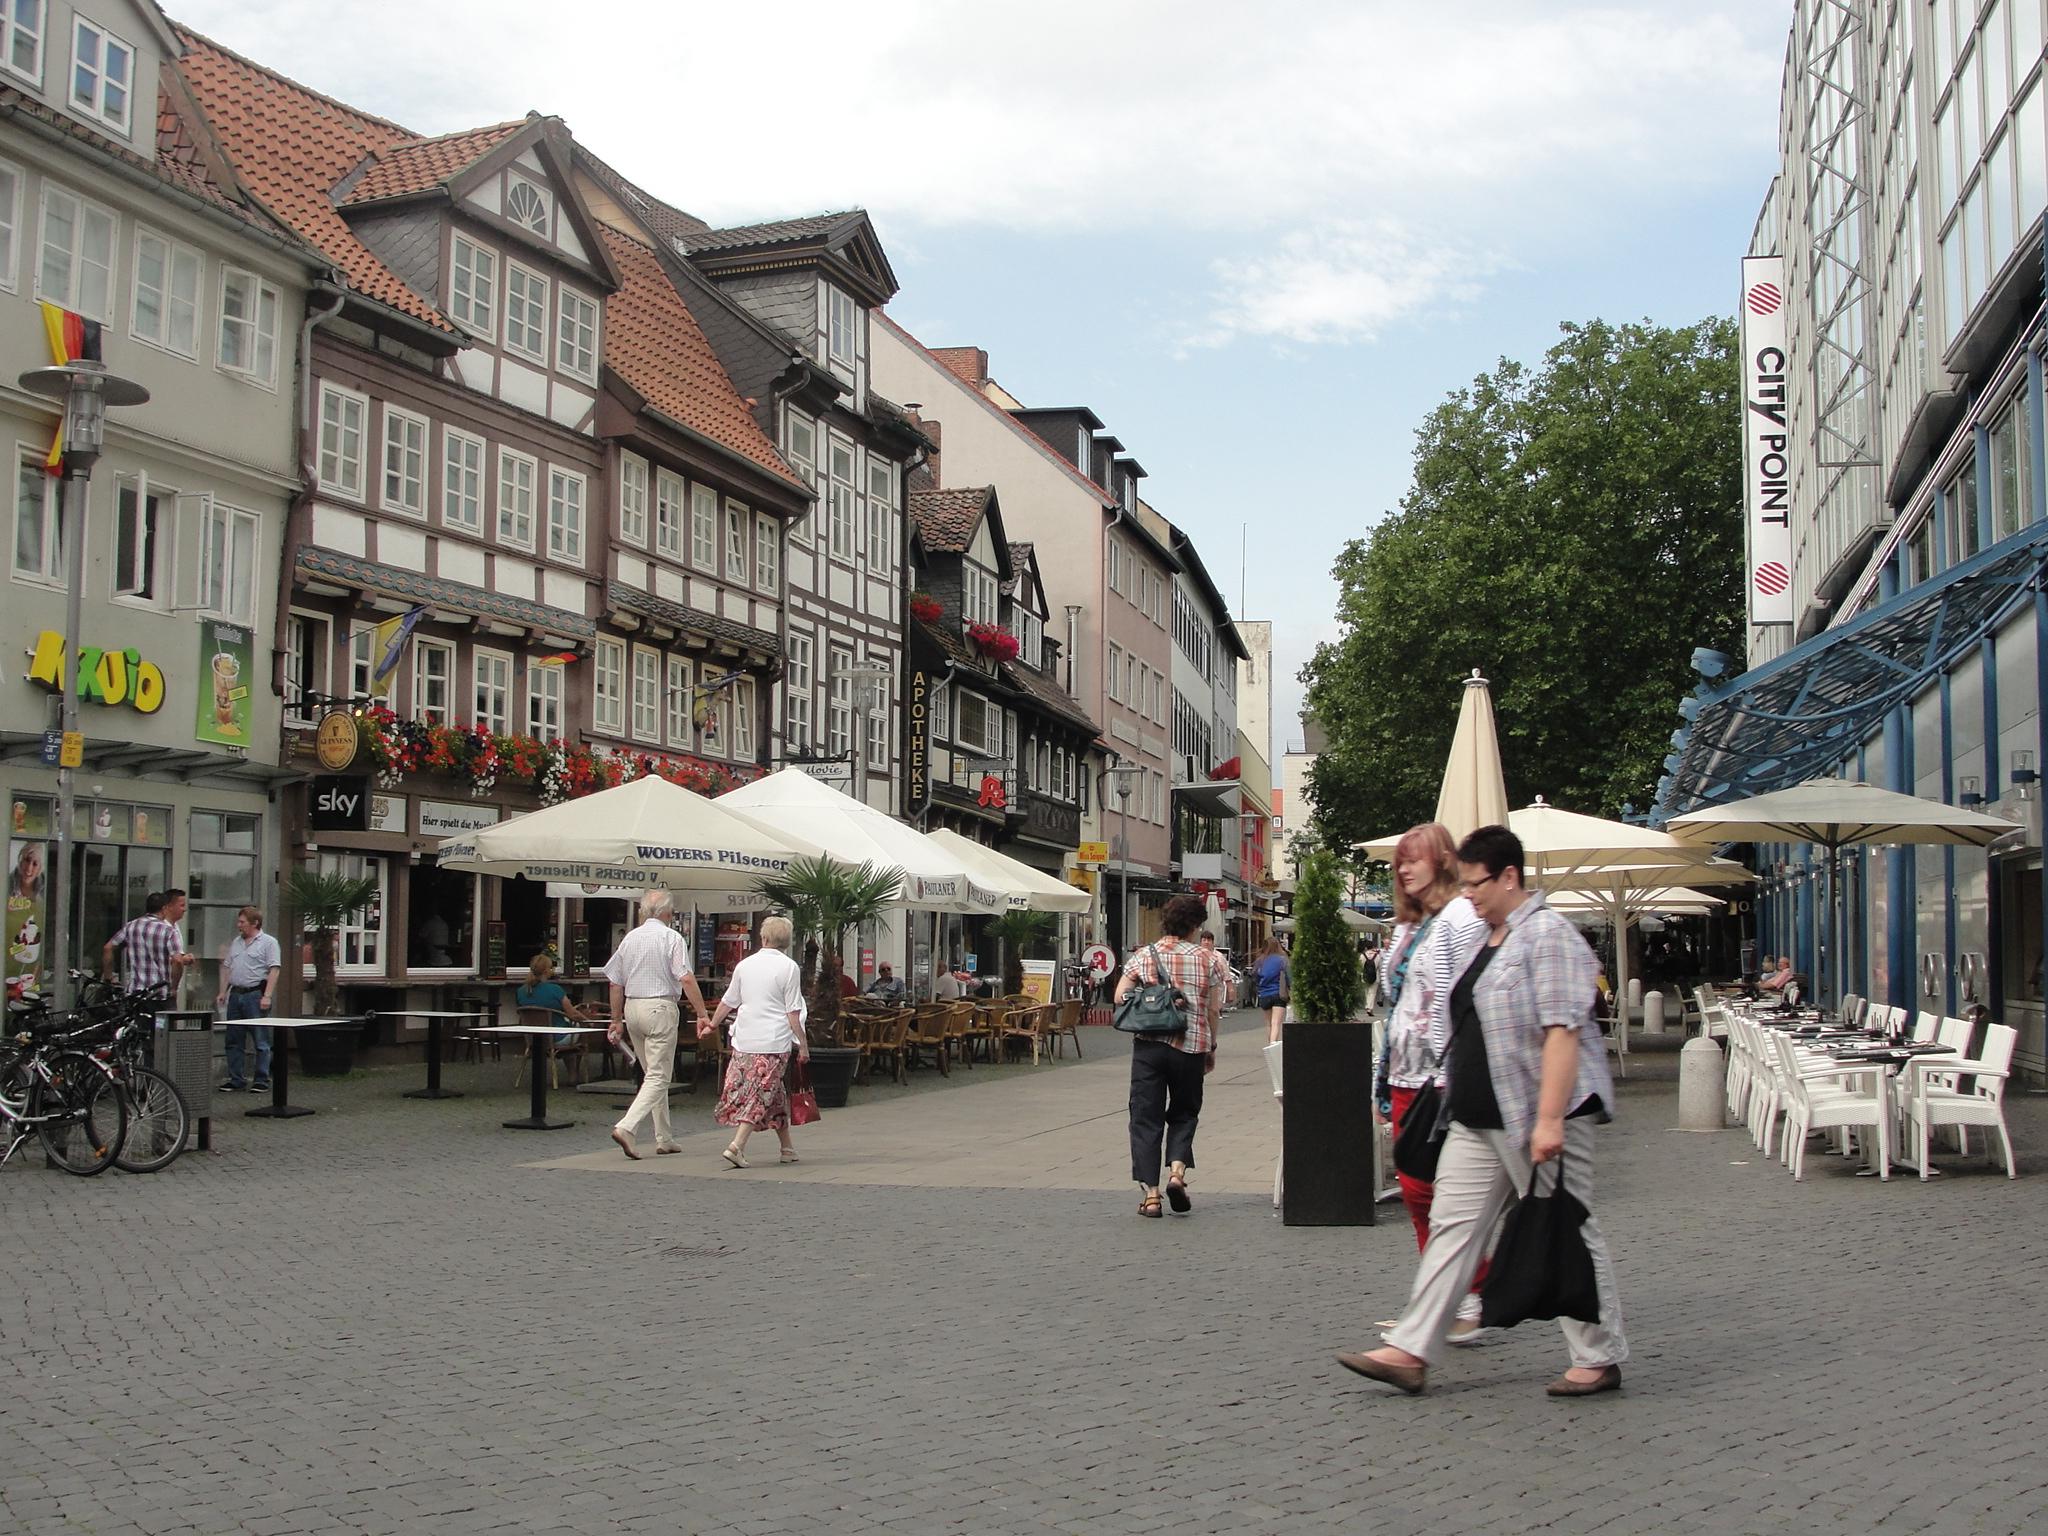 Germany (Vöhrum, Peine, Braunschweig und Hannover) | Eat-O ...